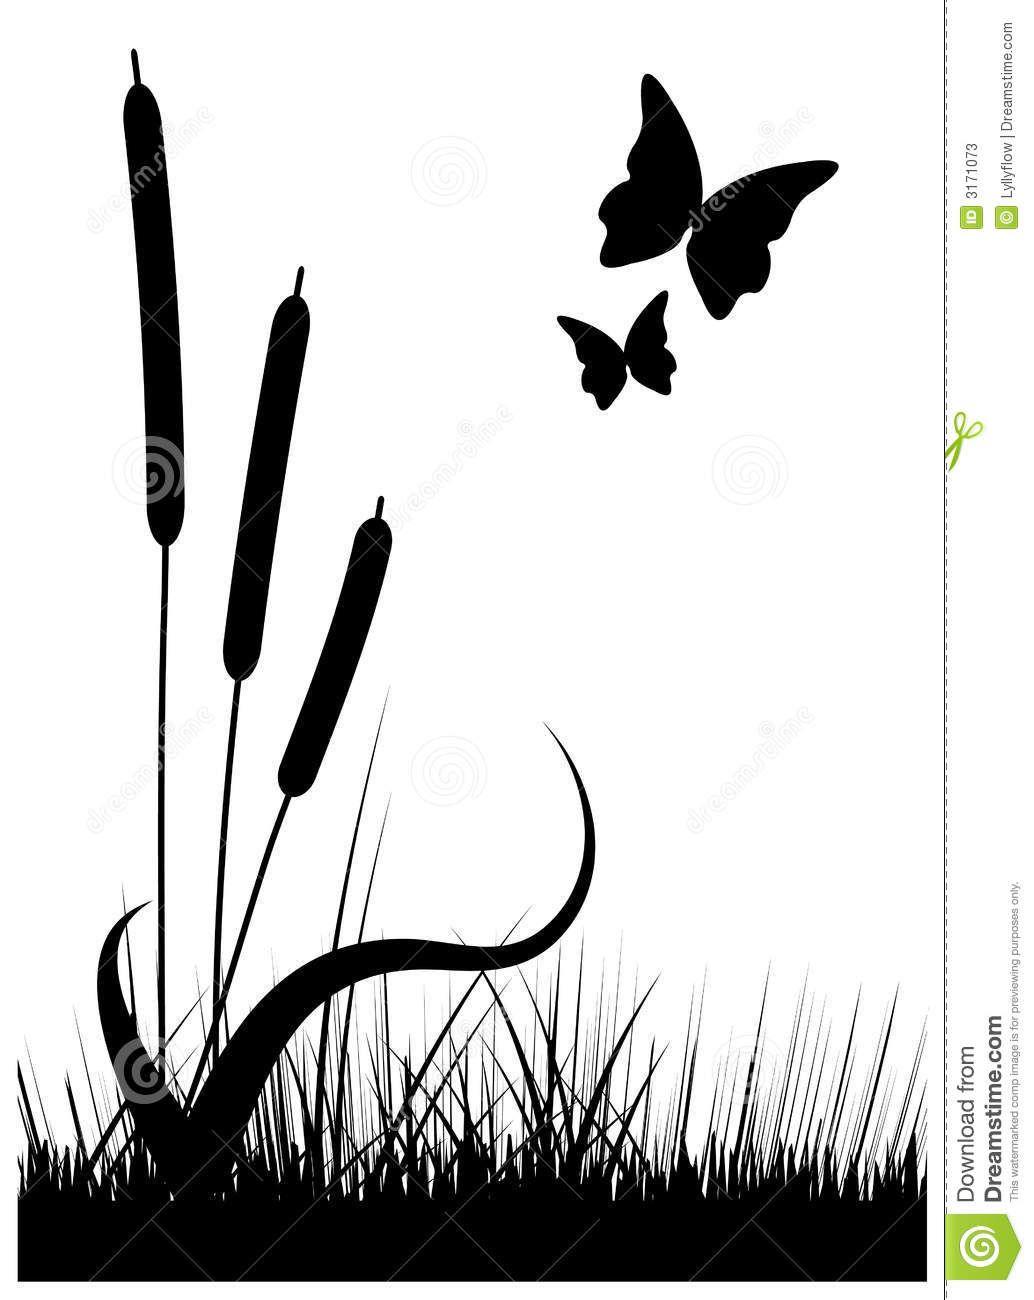 silueta de paisaje | Ideas para decorar con vinilos y plantillas ...